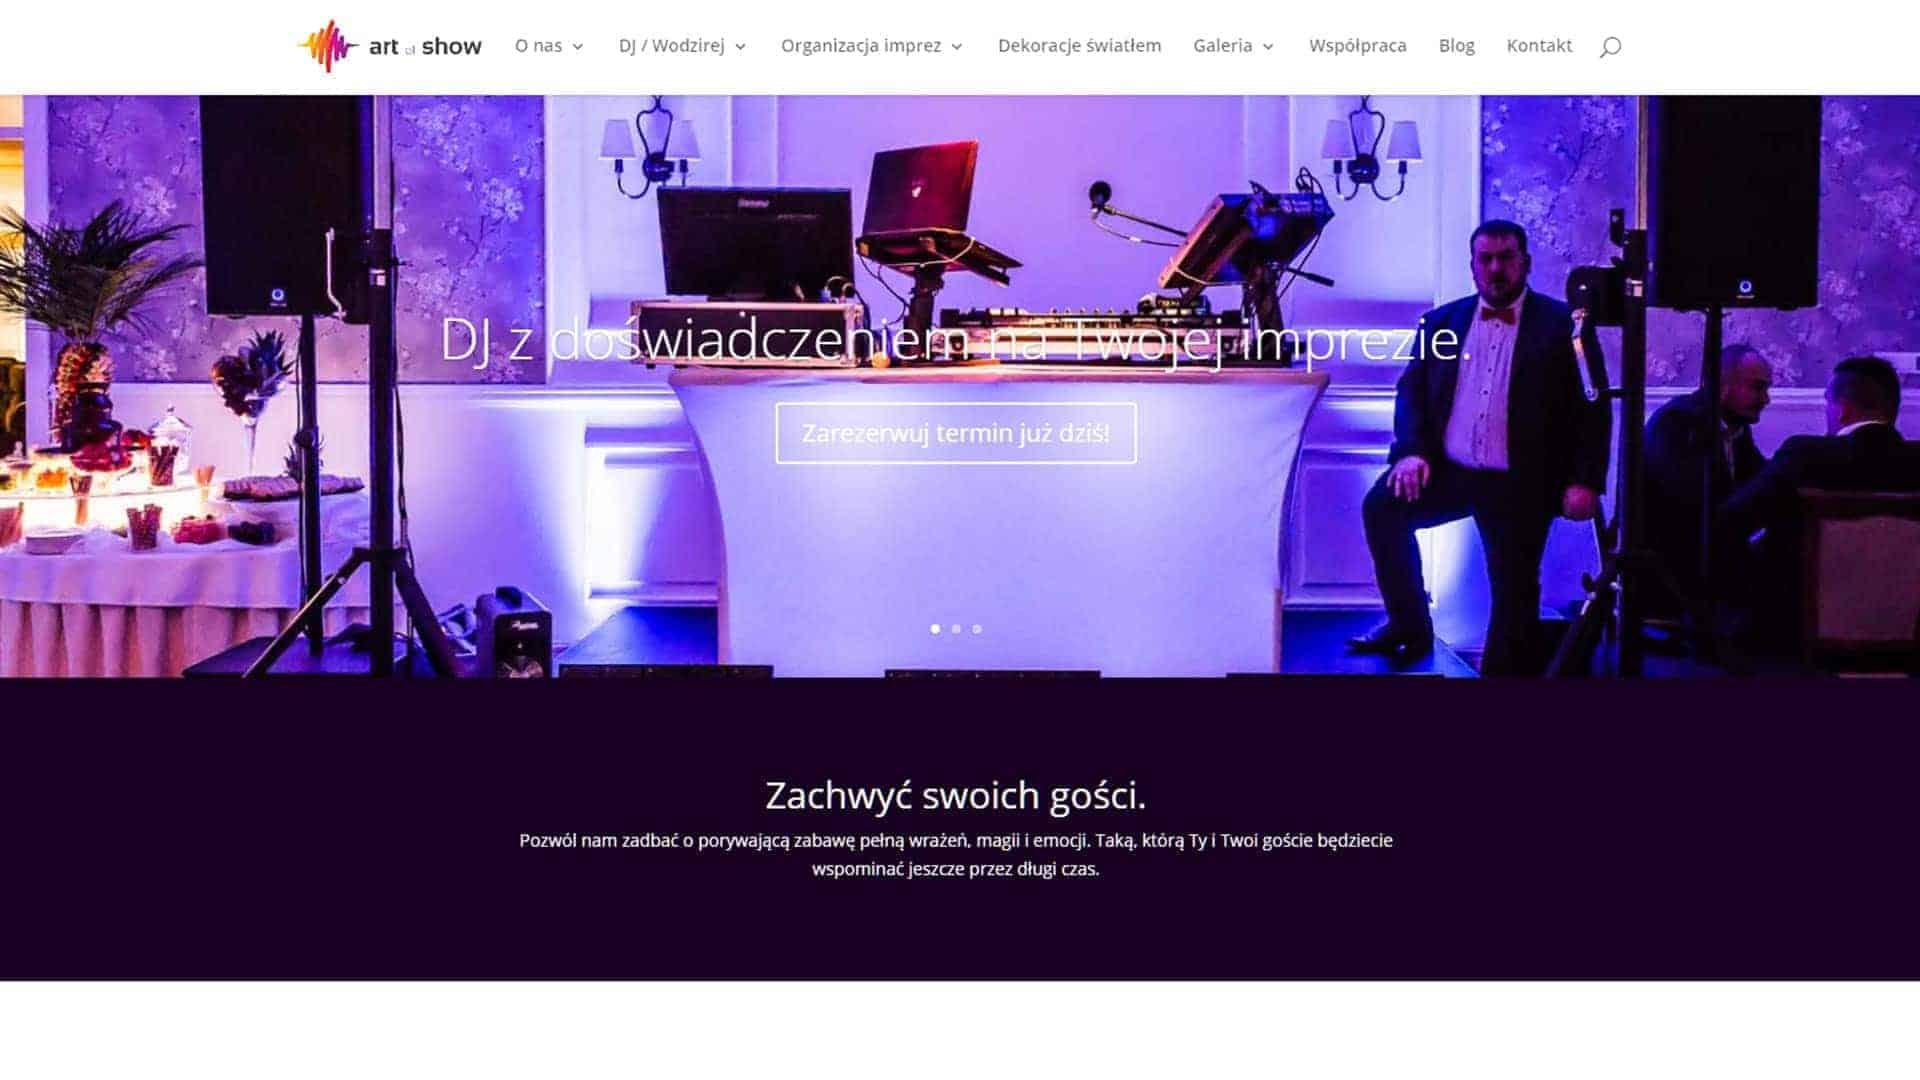 Strona WWW dla DJ i wodzireja z Art of Show, Bydgoszcz.